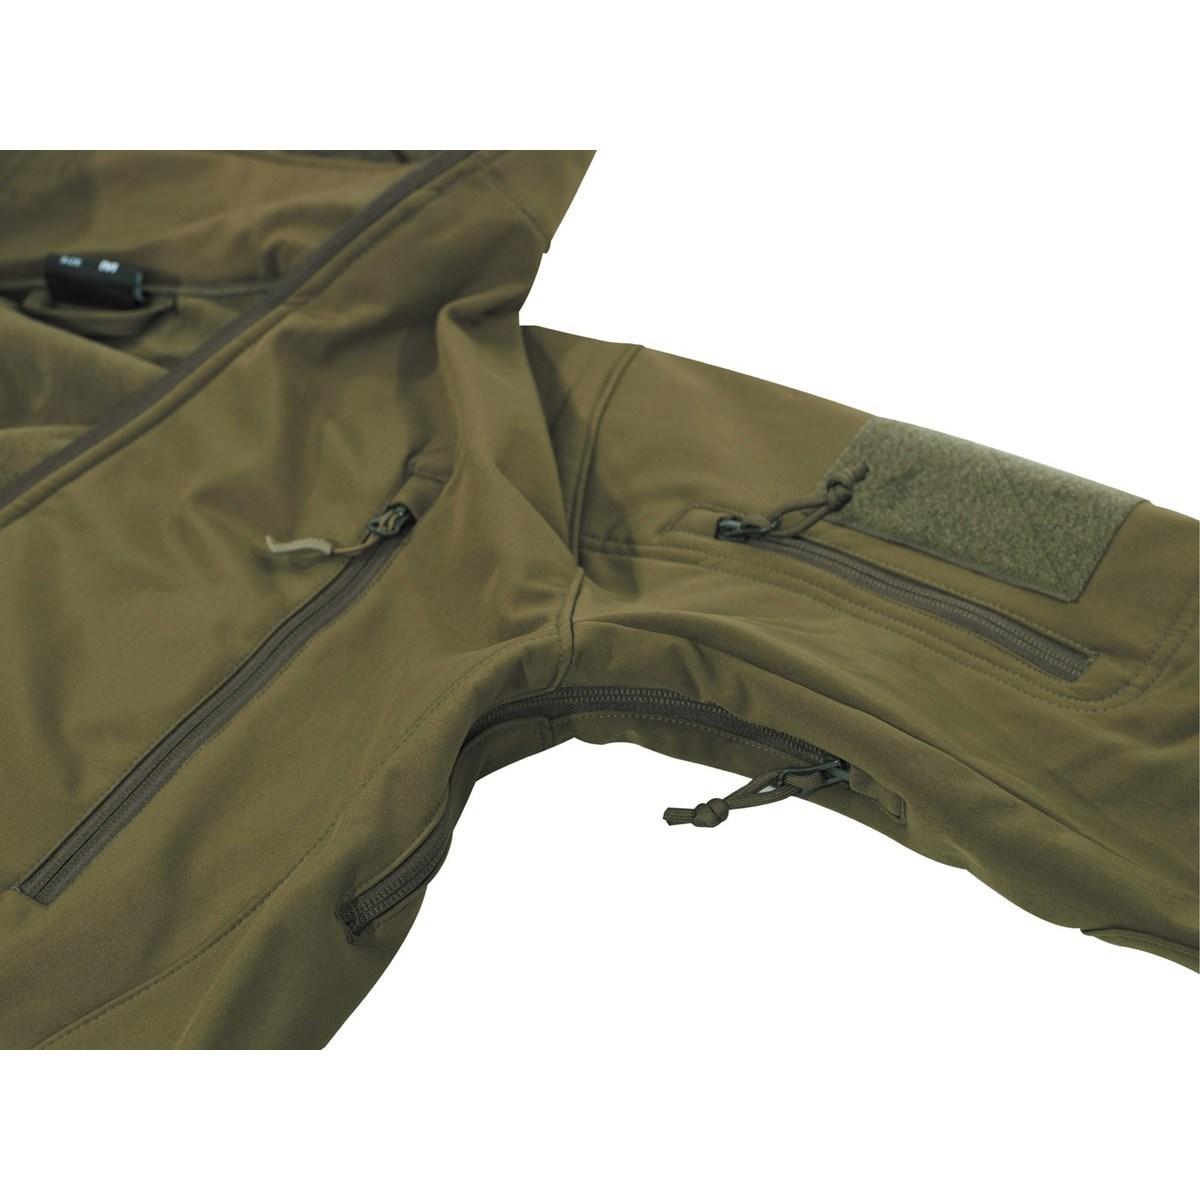 Bunda SCORPION softshellová OLIV MFH Defence 03415B L-11